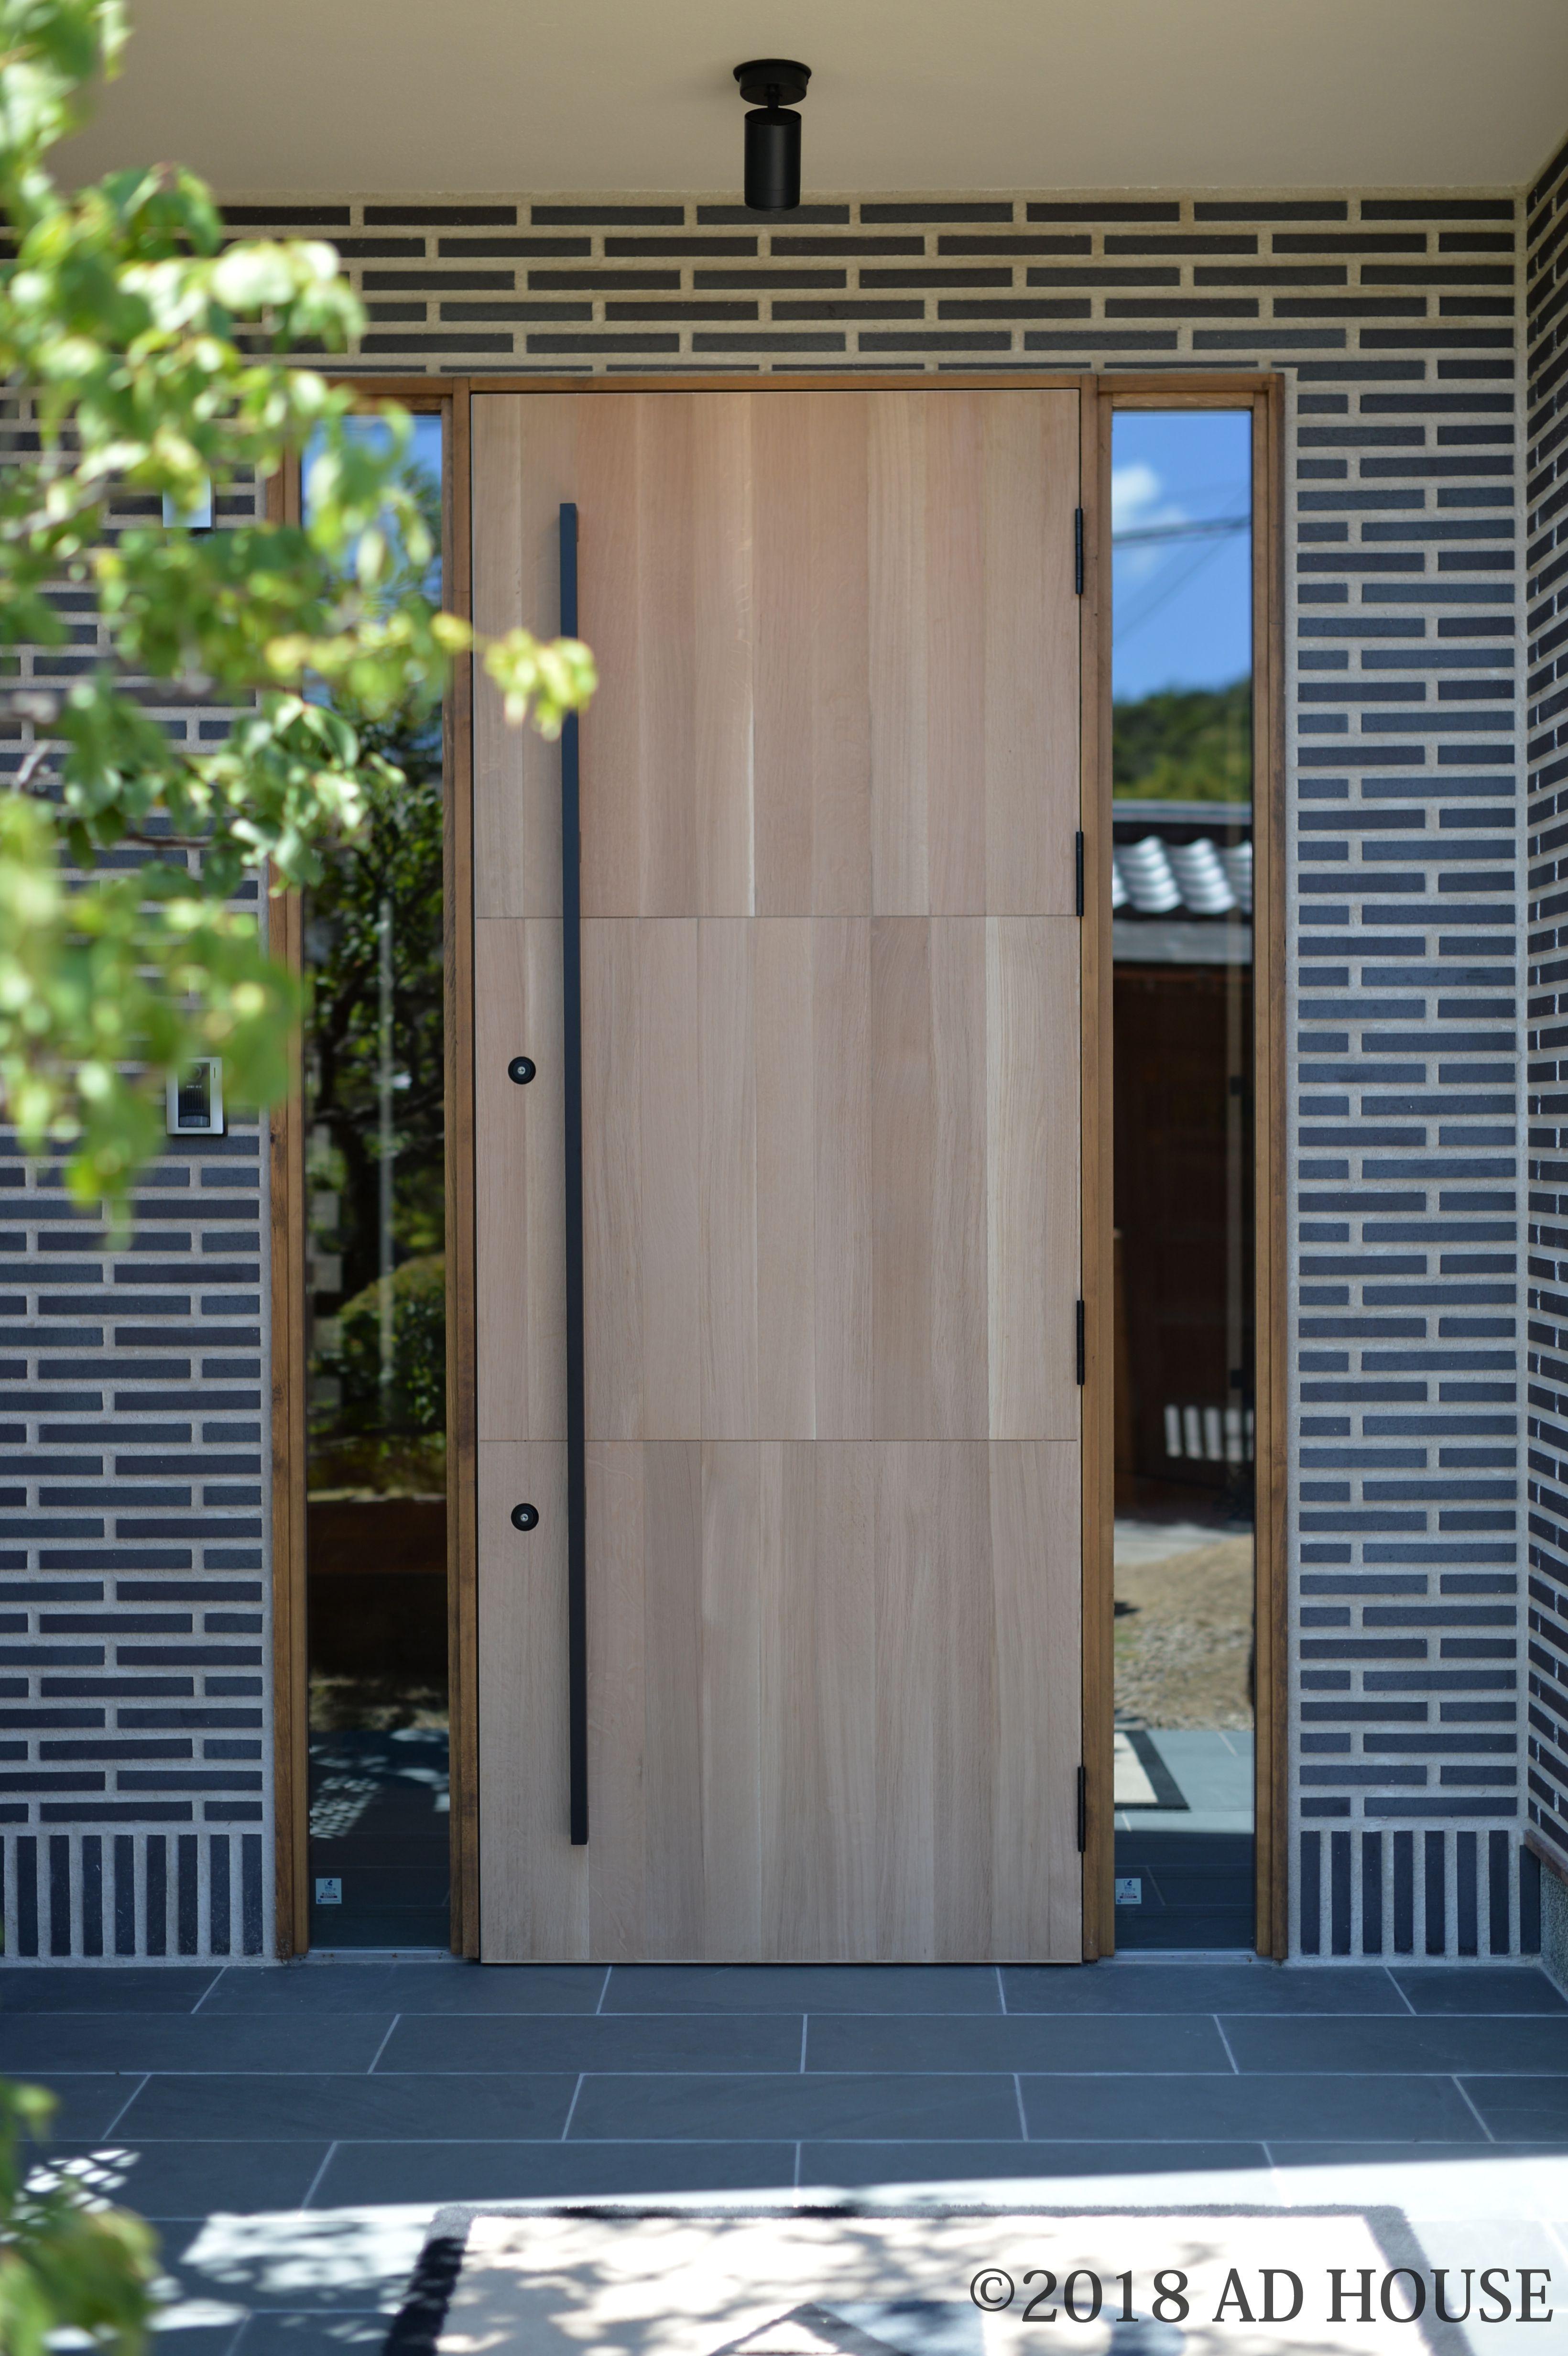 玄関扉も新しく オーク材の断熱玄関扉で 両側のはめ殺しの窓から光